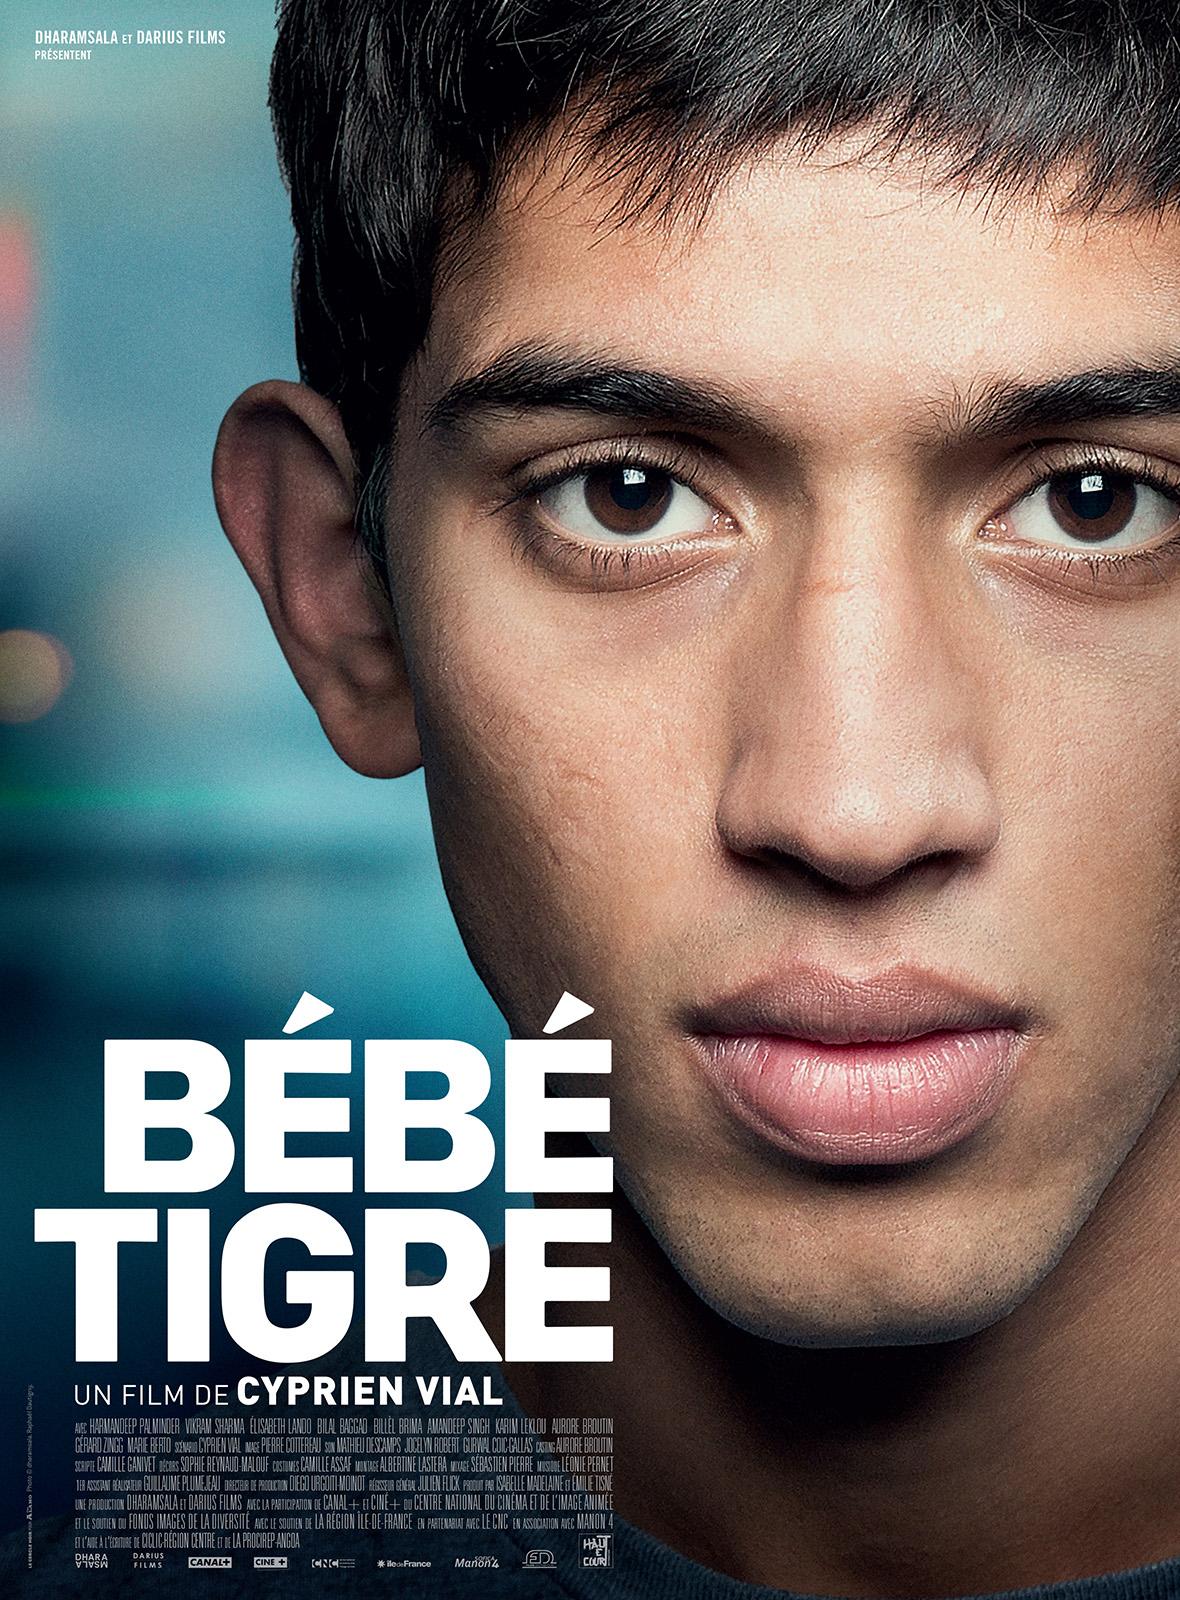 """Résultat de recherche d'images pour """"bebe tigre film"""""""